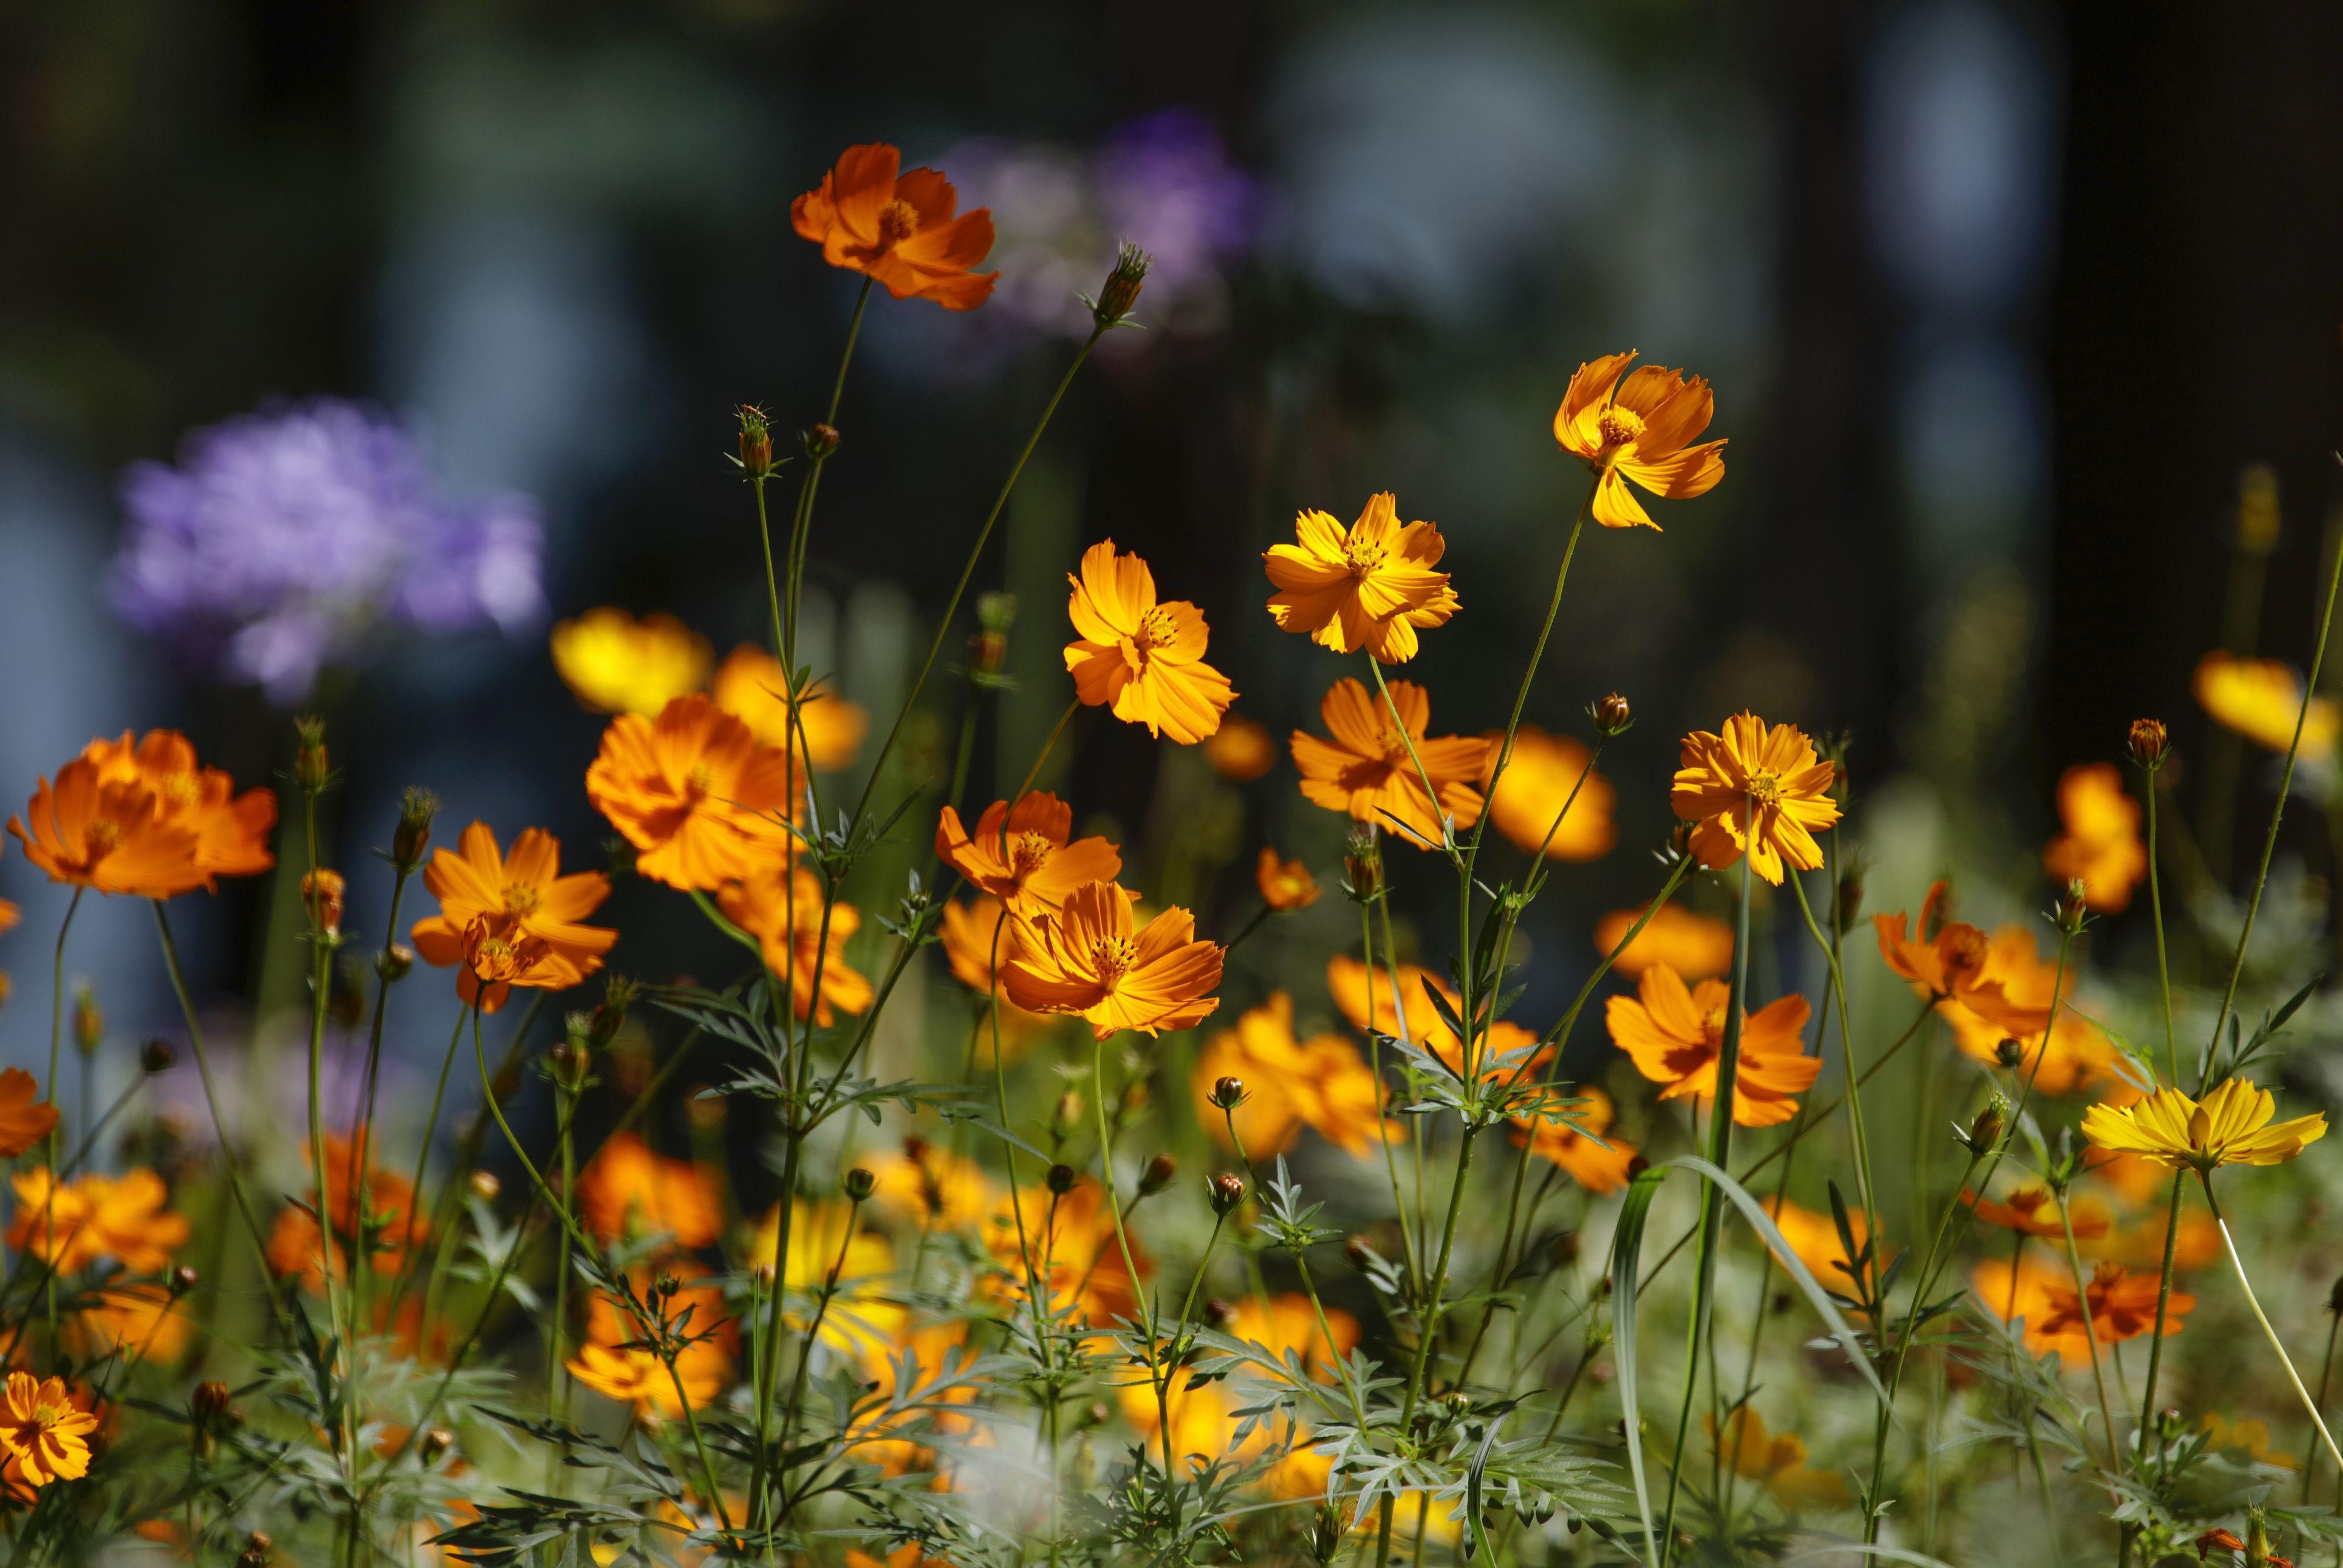 September gardening to do list gardening jobs for september autumn september gardening to do list gardening jobs for september autumn season izmirmasajfo